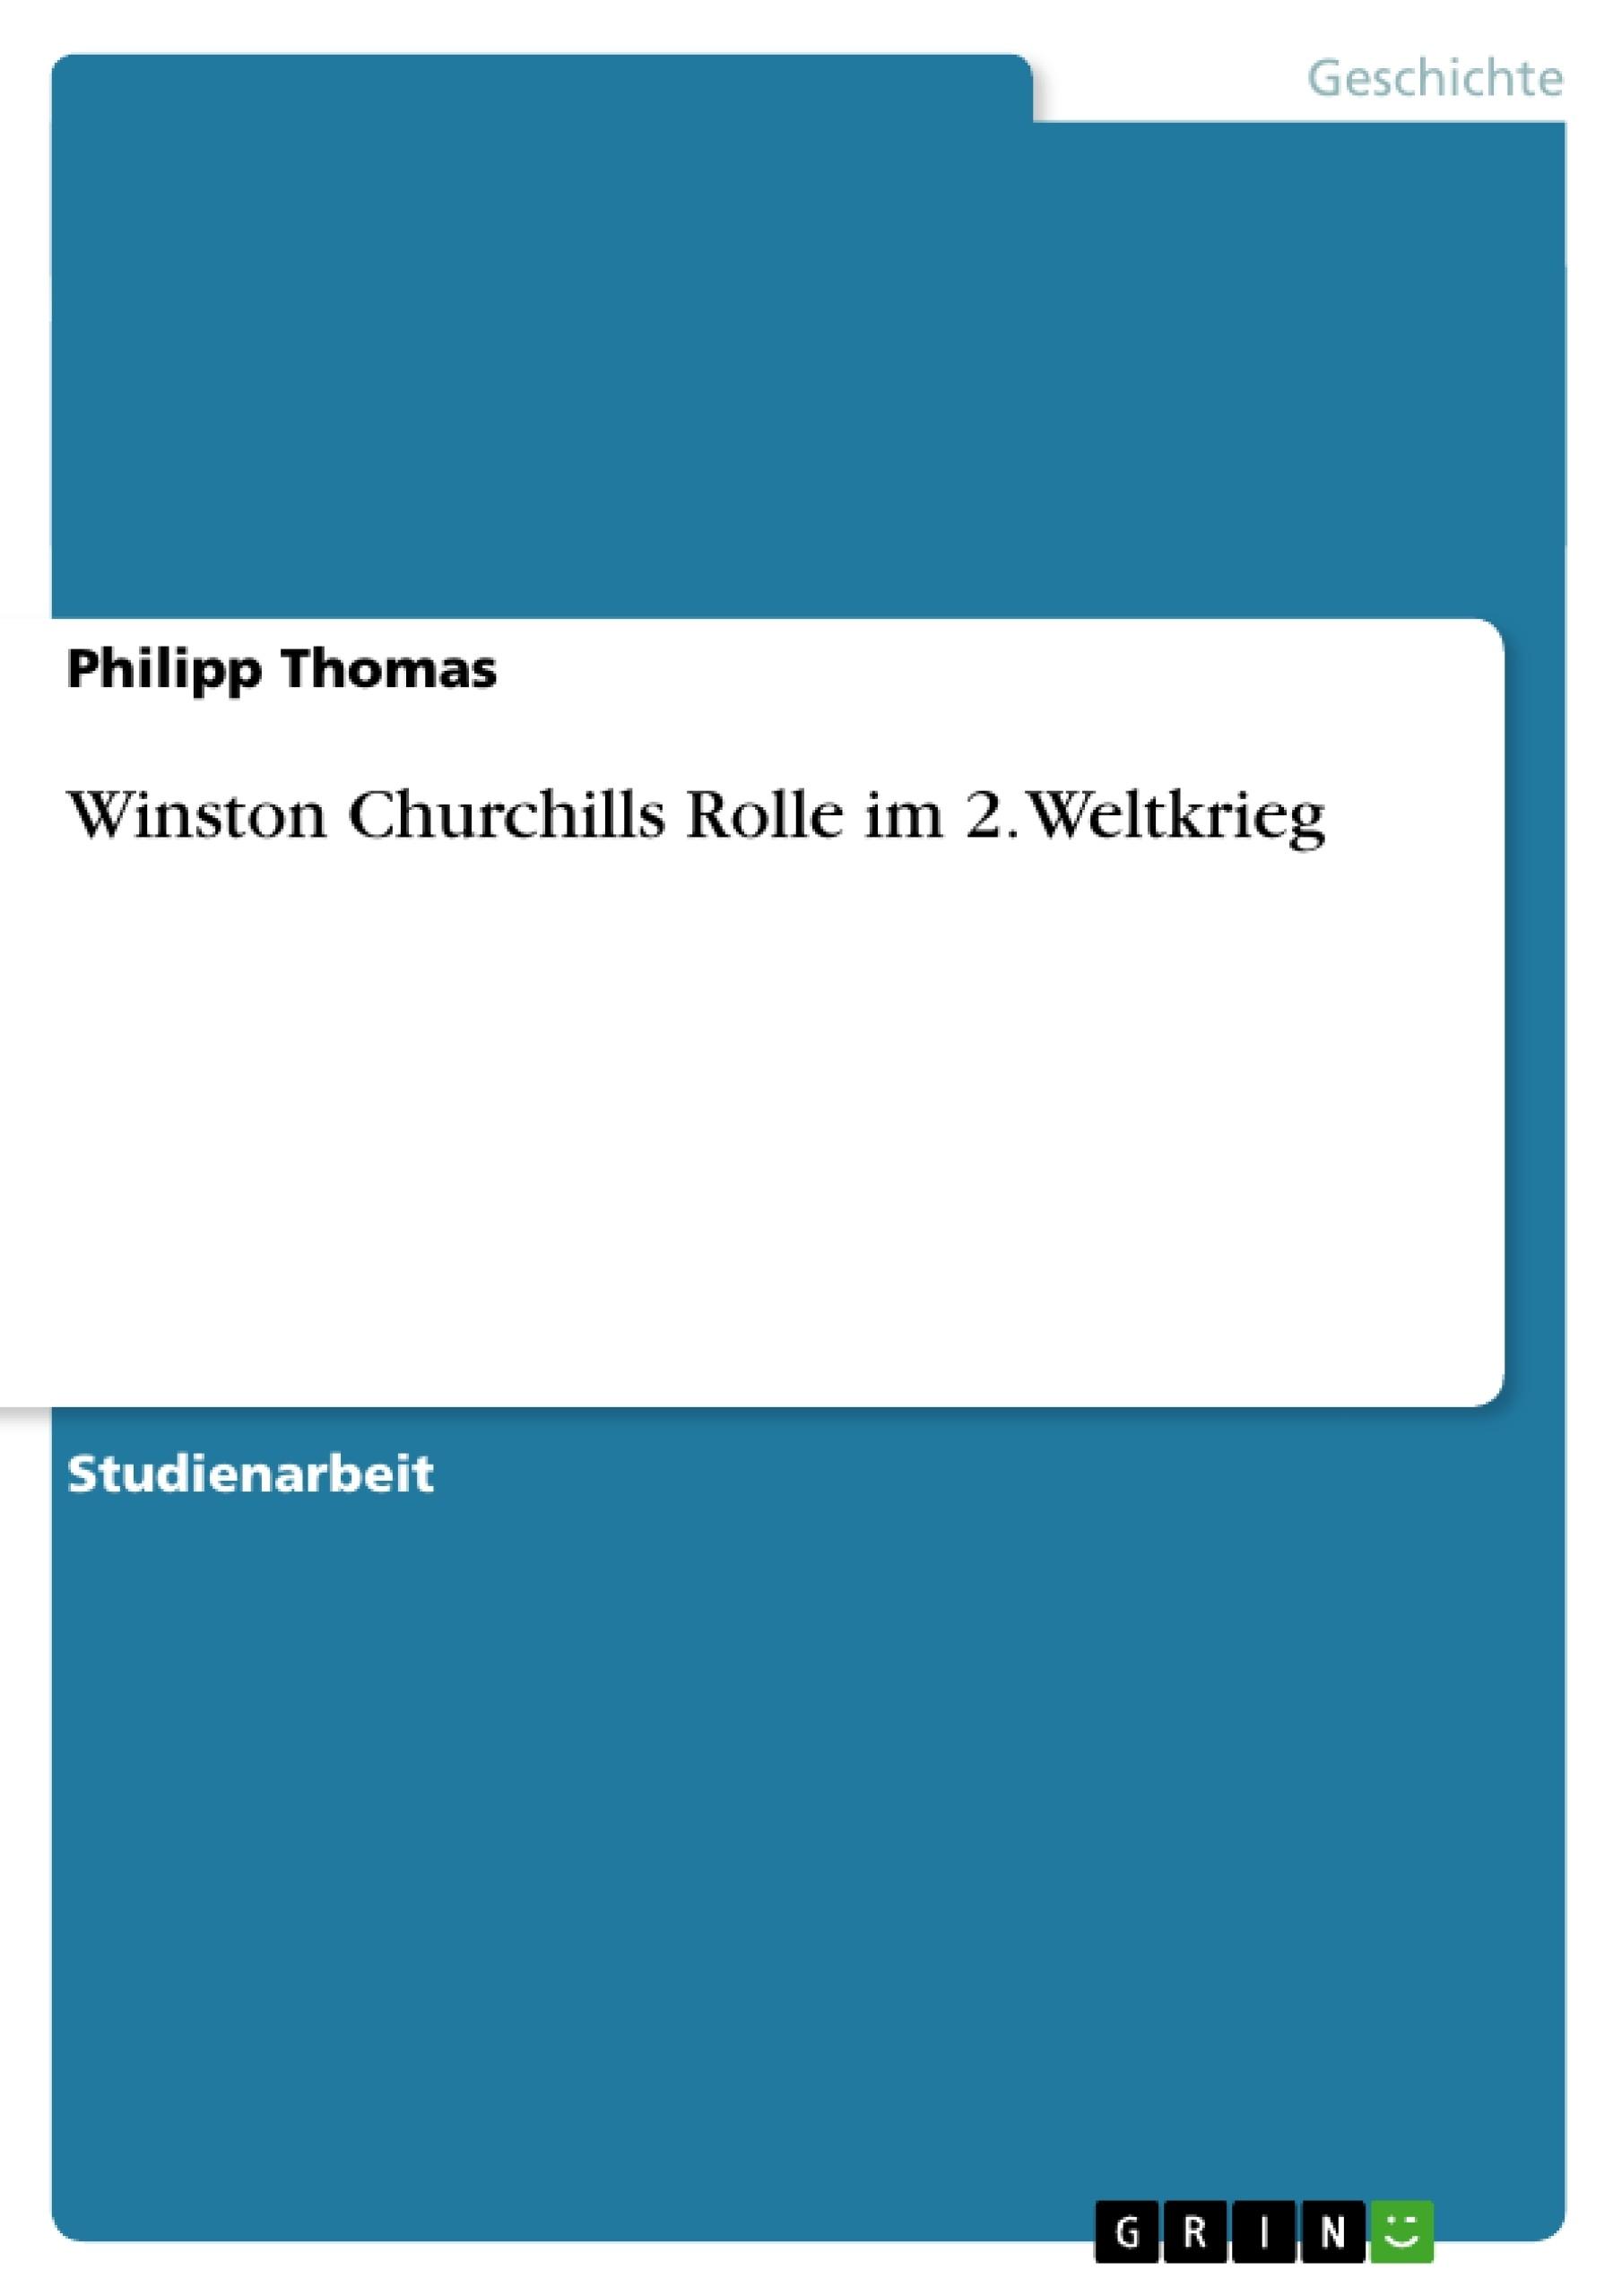 Titel: Winston Churchills Rolle im 2. Weltkrieg